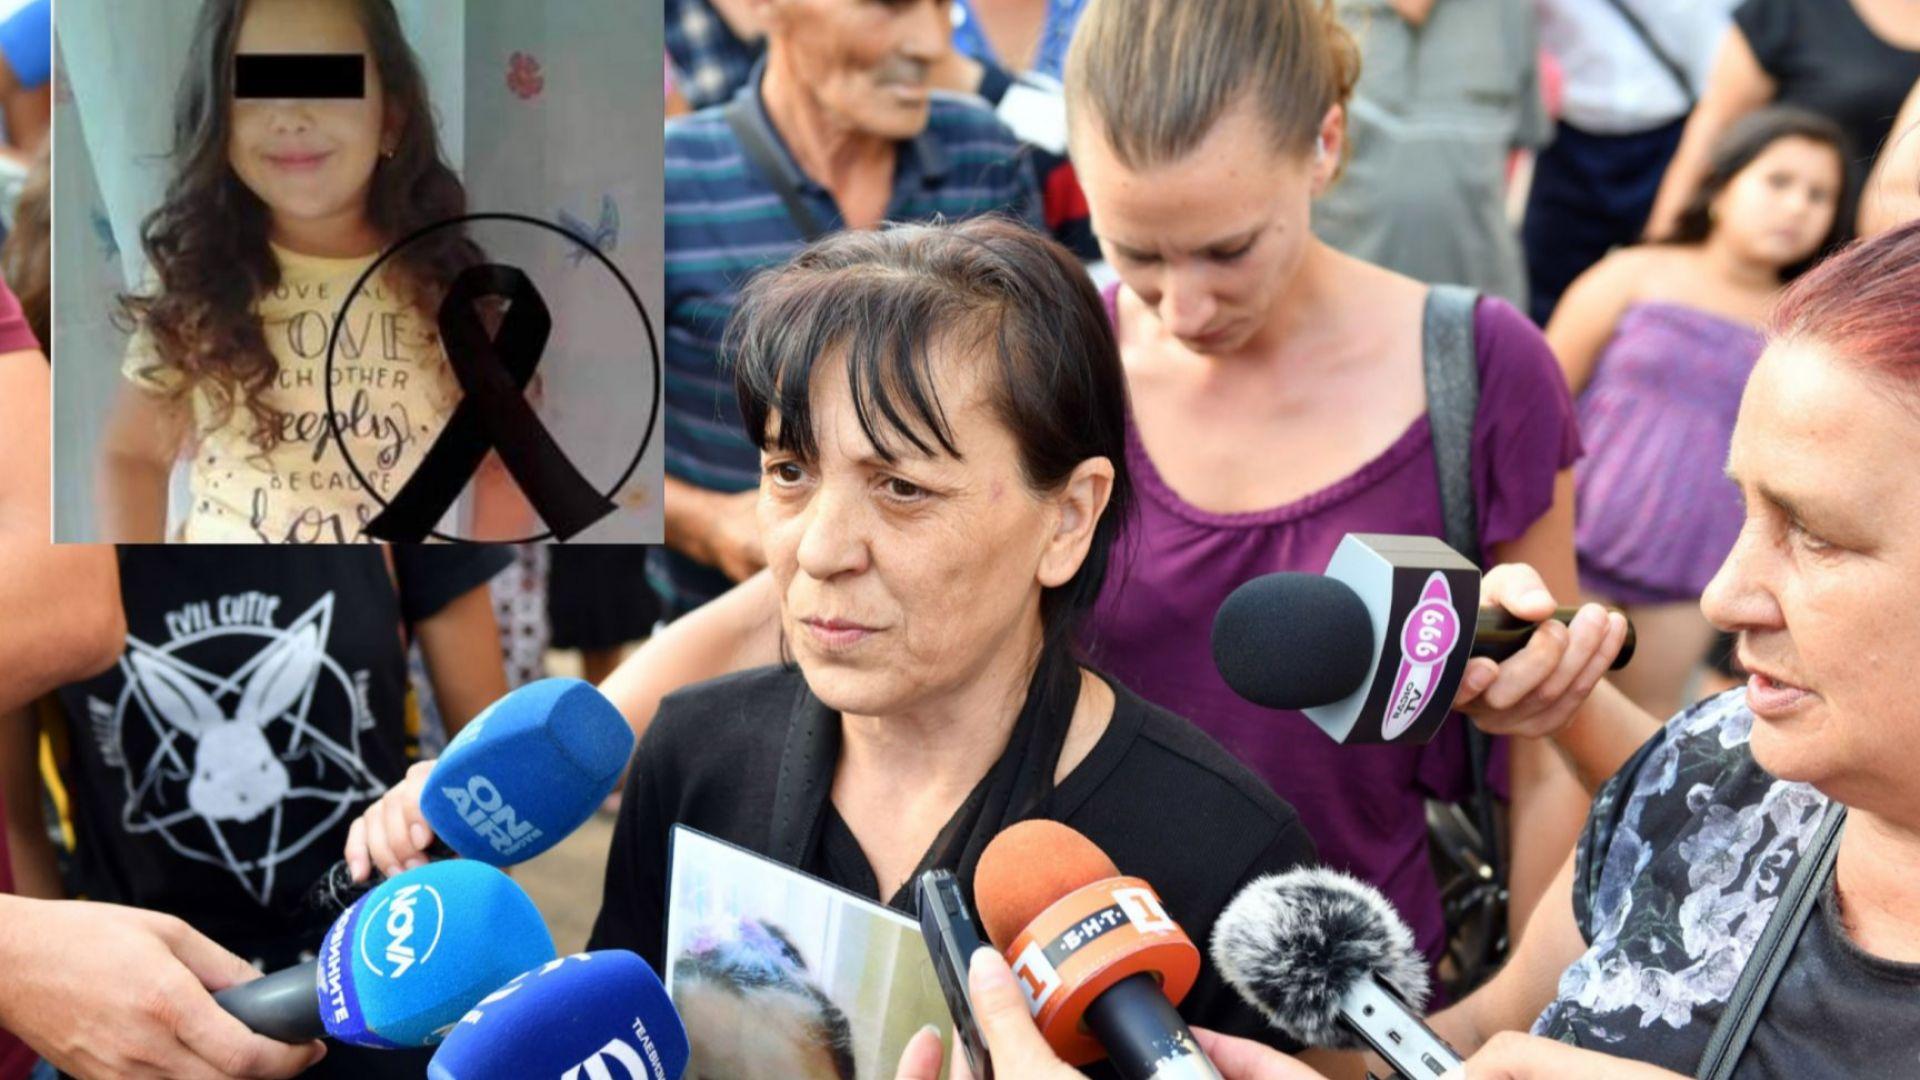 Протест в Сливен: Присъдата на убиеца на Криси не трябва да бъде намалявана